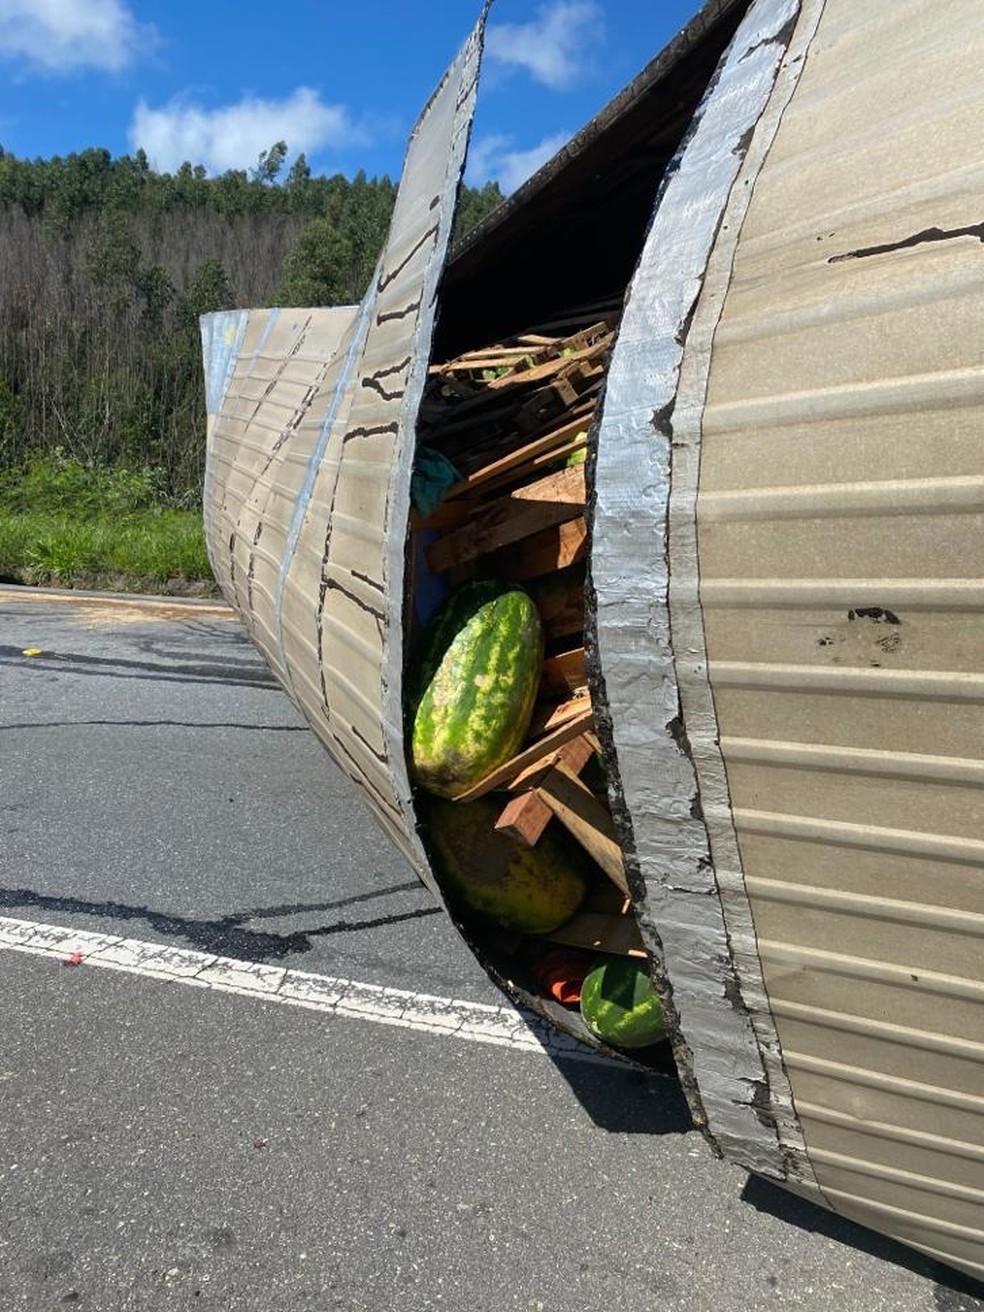 Caminhão estava carregado com melancias — Foto: Vanessa Vantine / TV Vanguarda